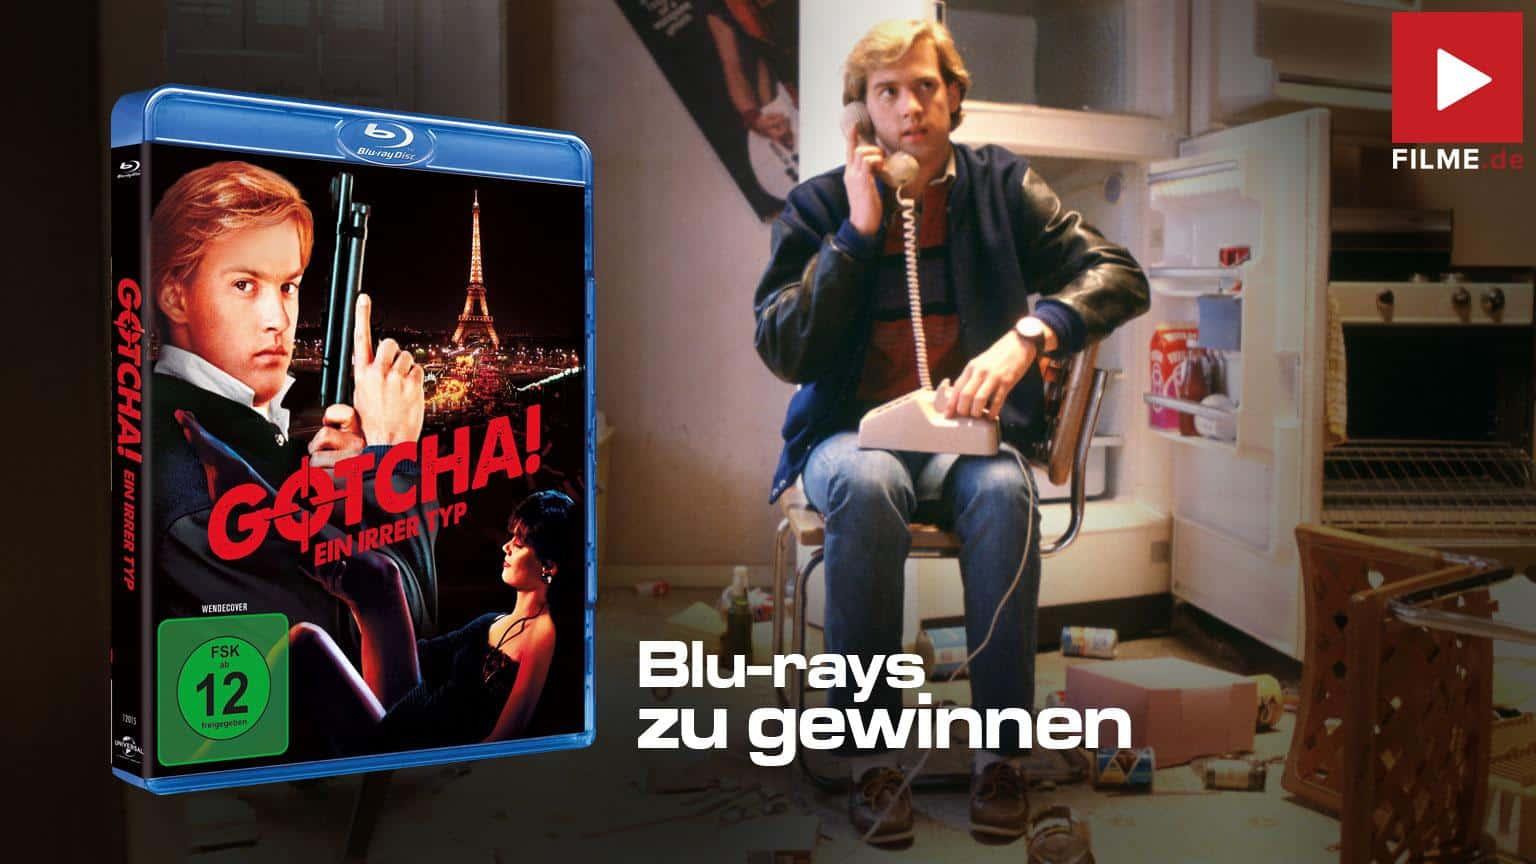 Gotcha Gewinnspiel Artikelbild shop kaufen Blu-ray